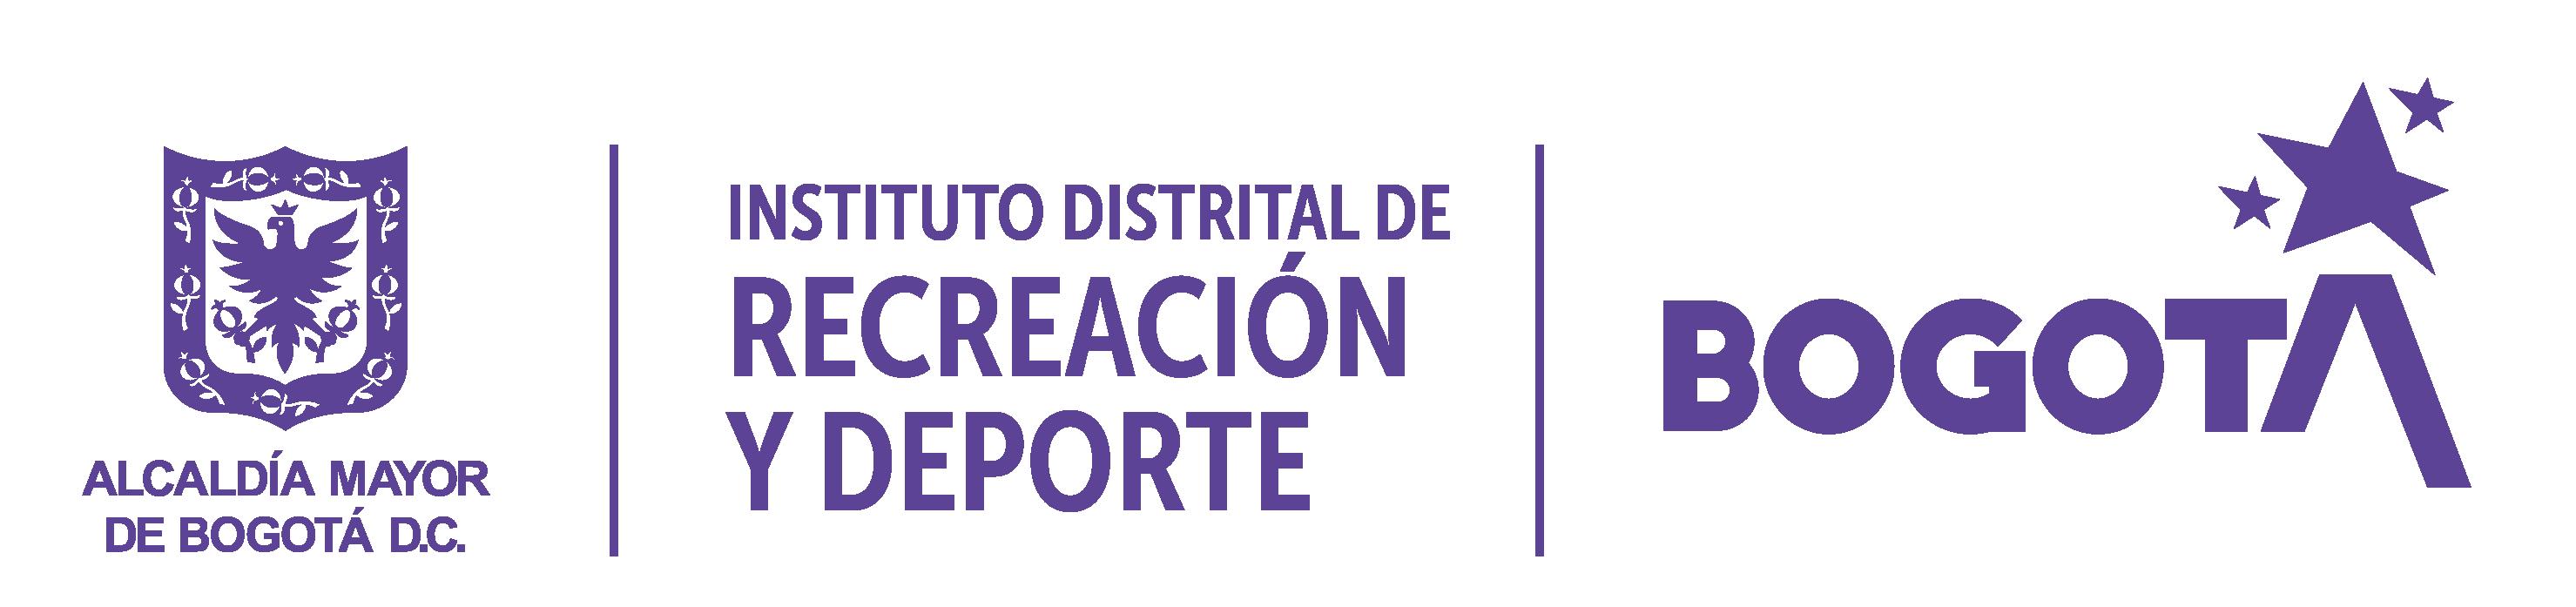 INSTITUTO DISTRITAL DE RECREACIÓN Y DEPORTE